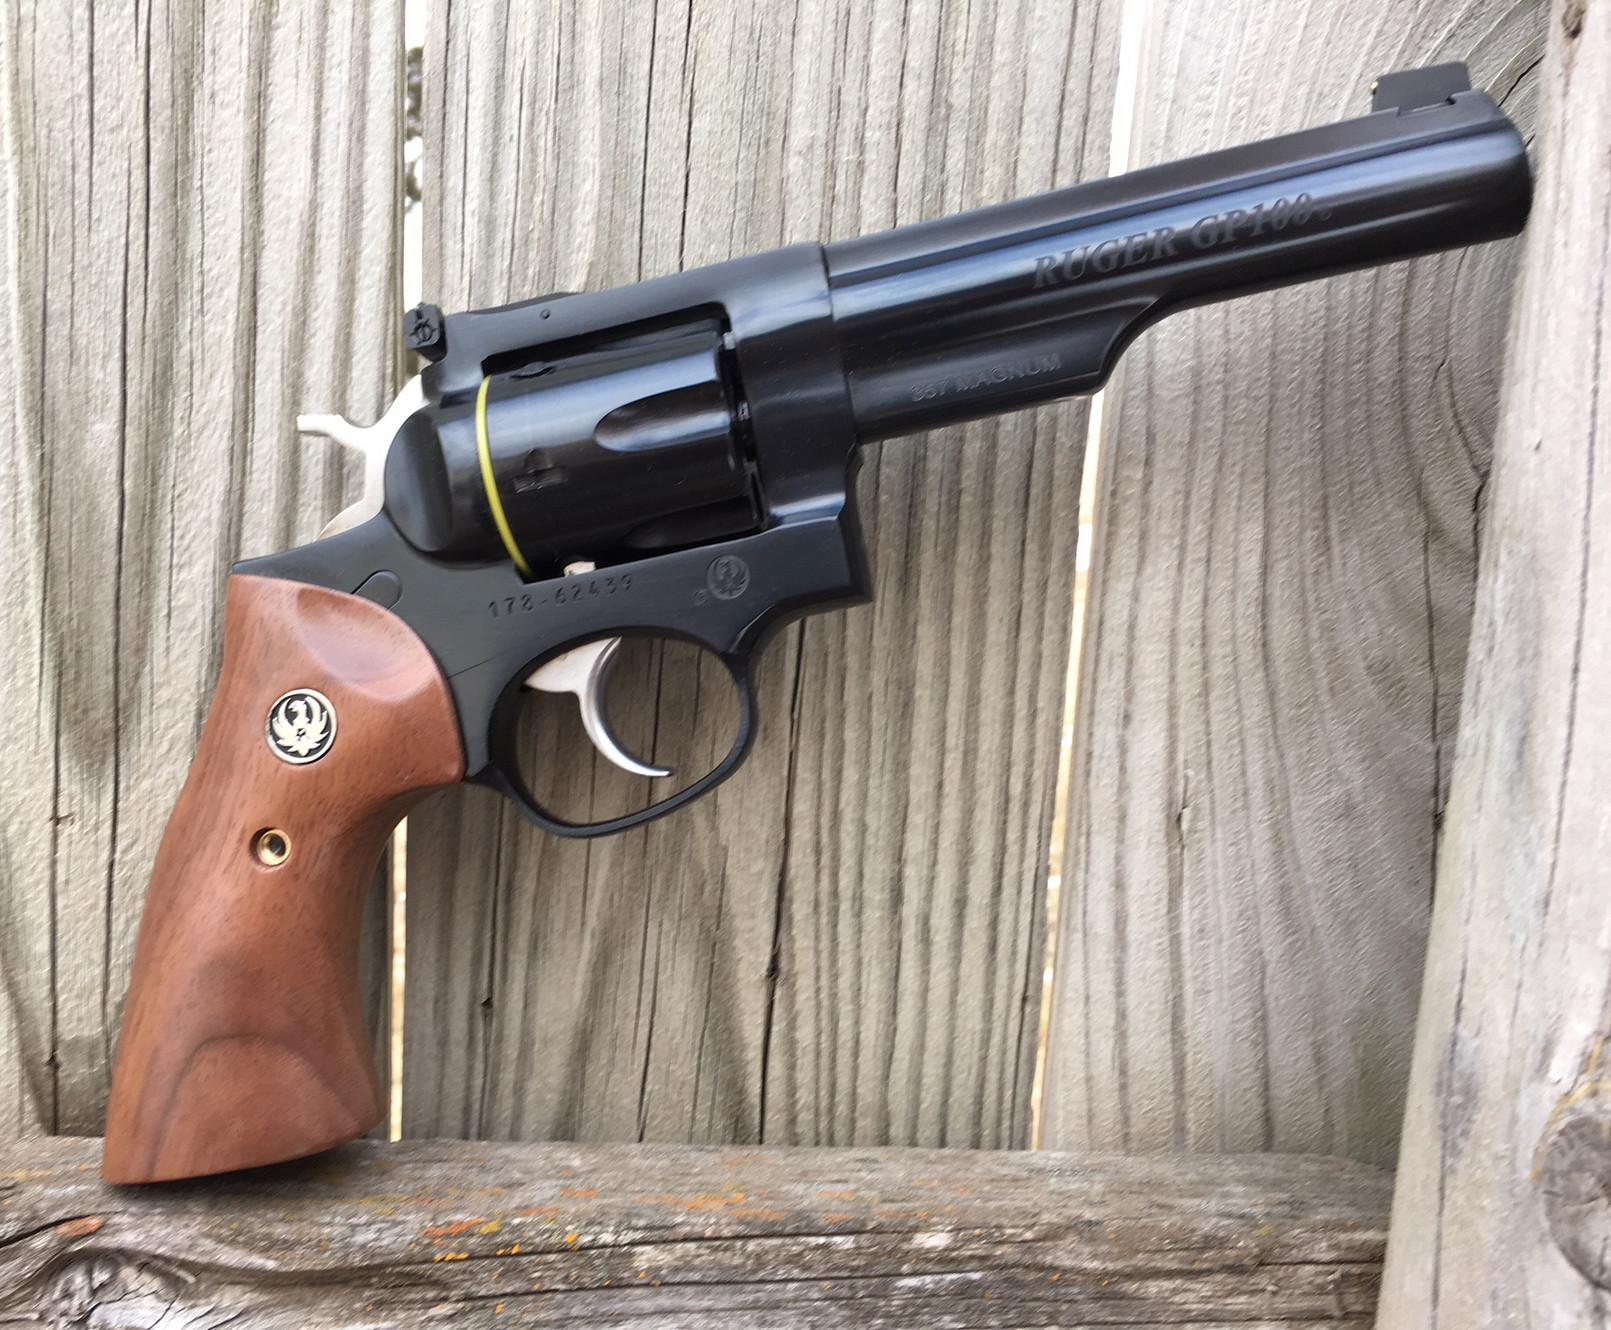 Gun Range Atwood Kansas The Great Outdoors Gun Shop